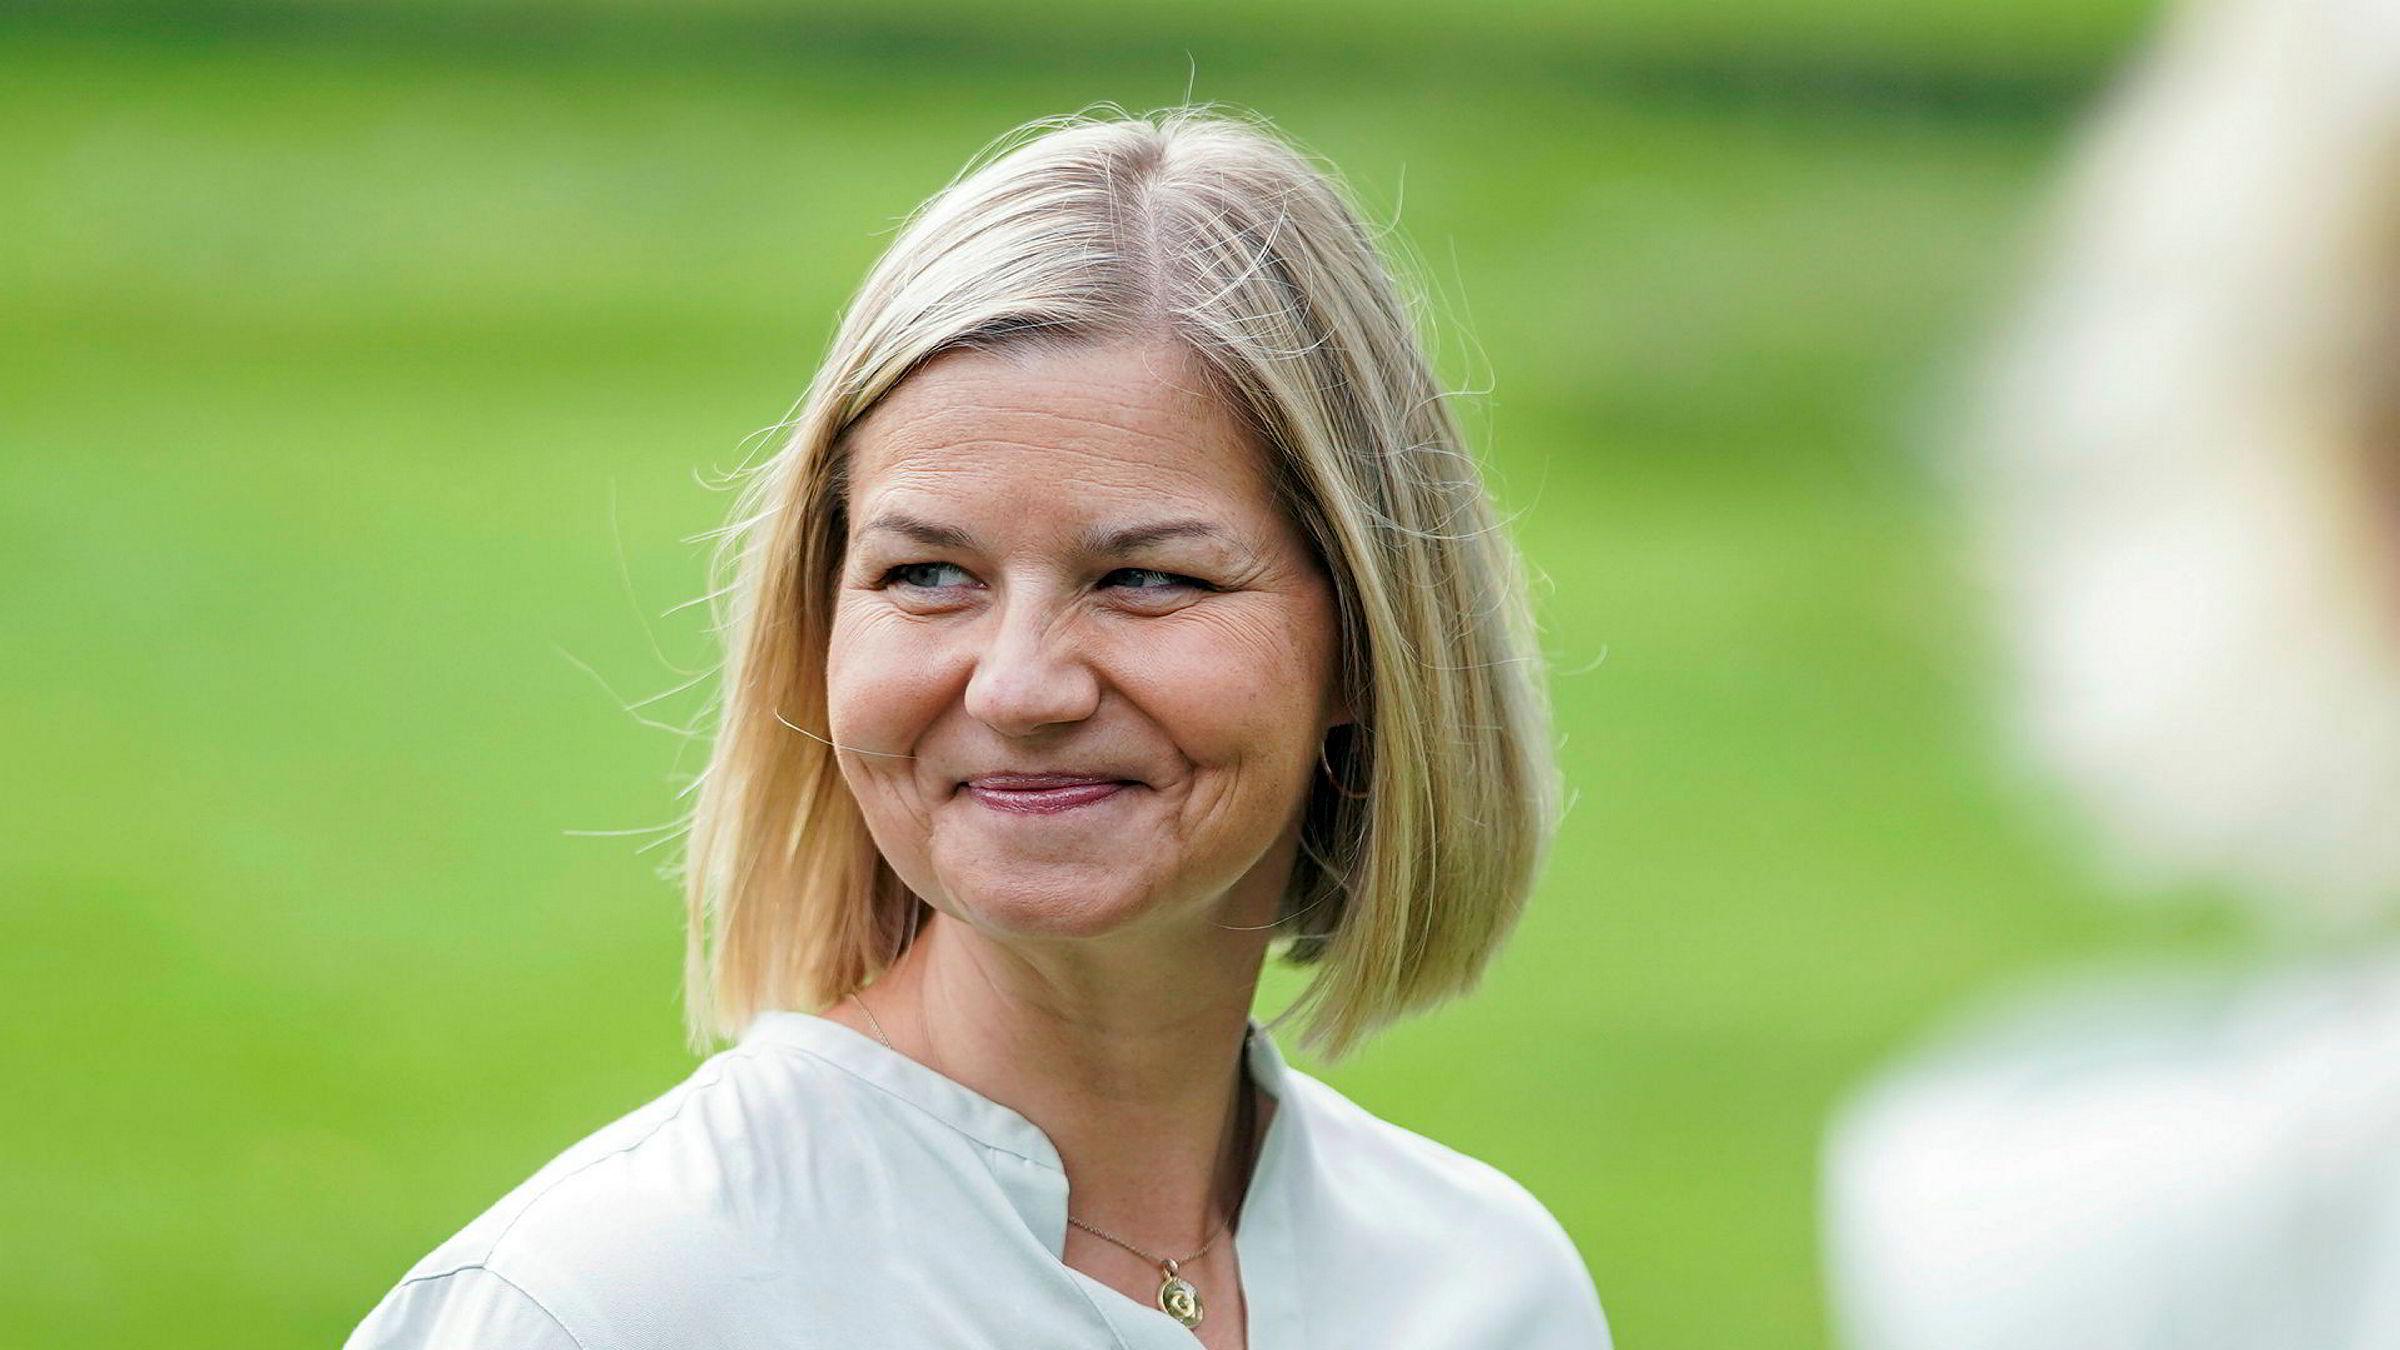 Guri  Melby  skal  lede  Venstre  videre:  –  Rørt  over  tilliten